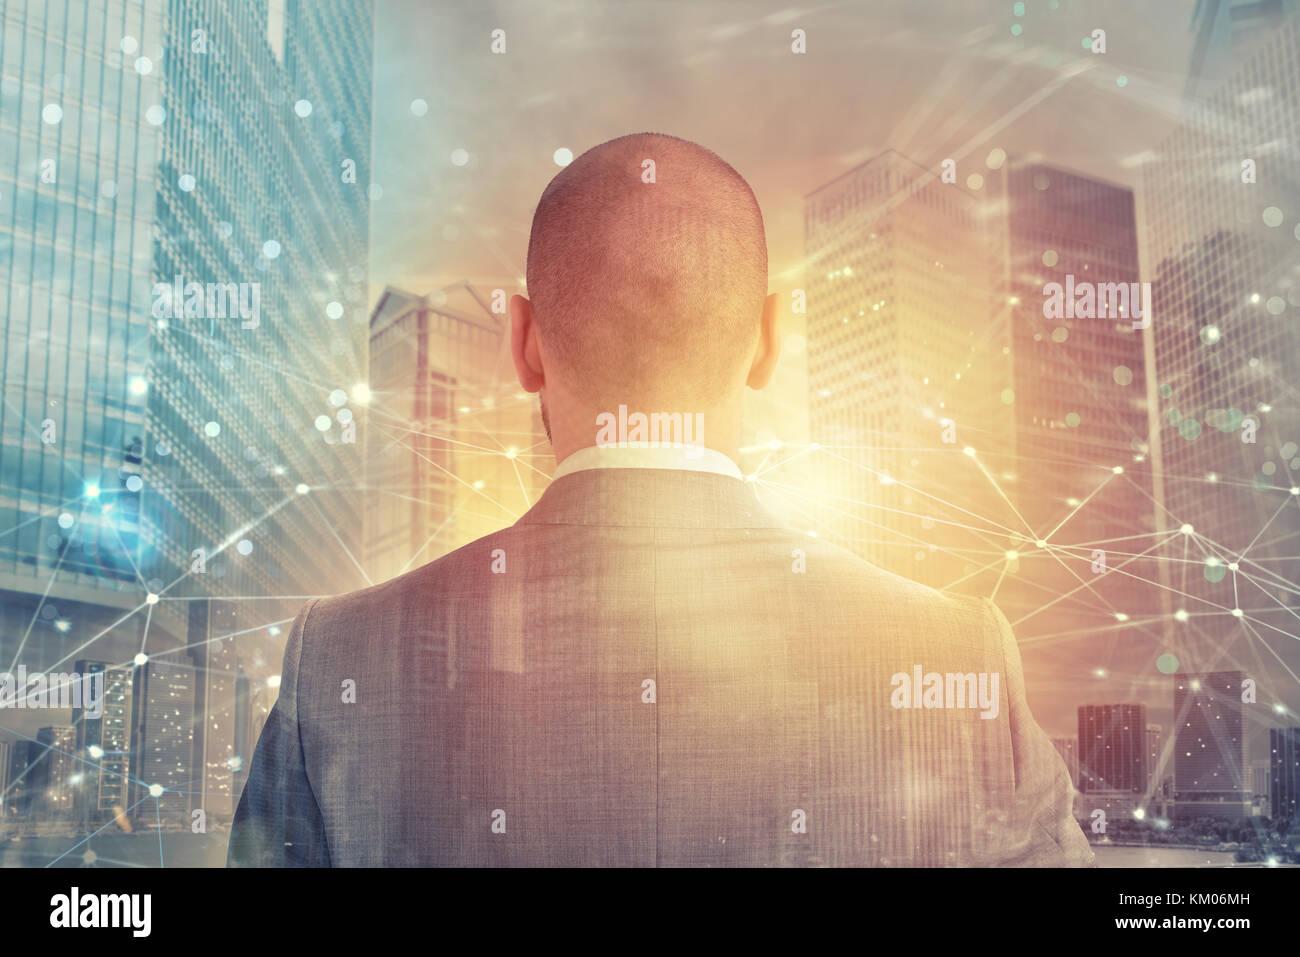 Imprenditore guarda lontano per il futuro con la rete internet per effetto Immagini Stock